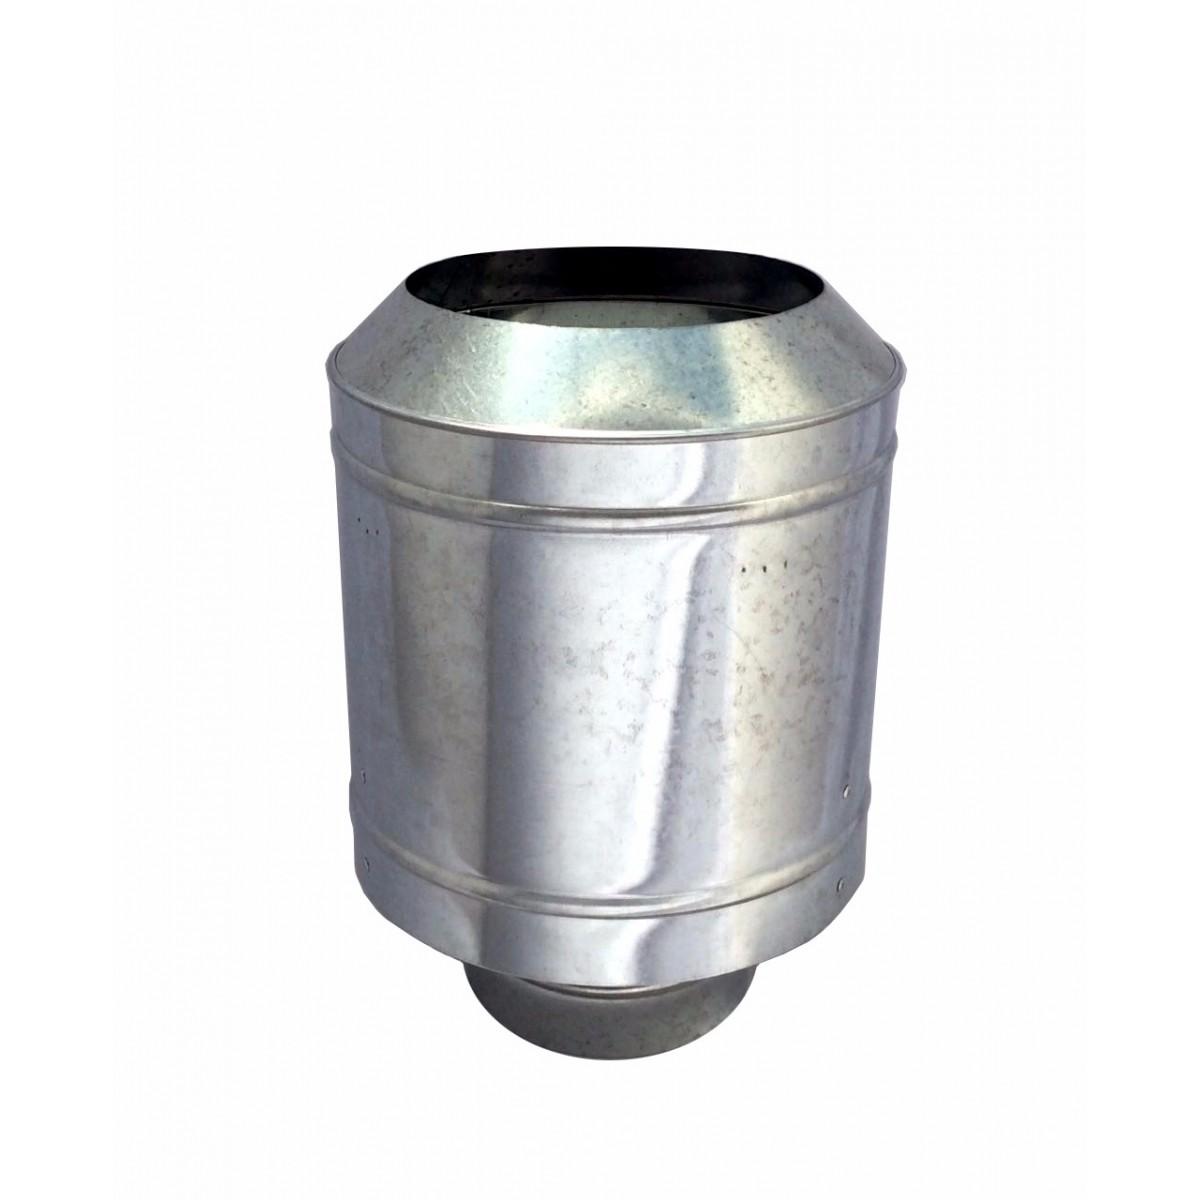 Chapéu galvanizado tipo canhão sputinik para chaminé de 260 mm de diâmetro.  - Galvocalhas